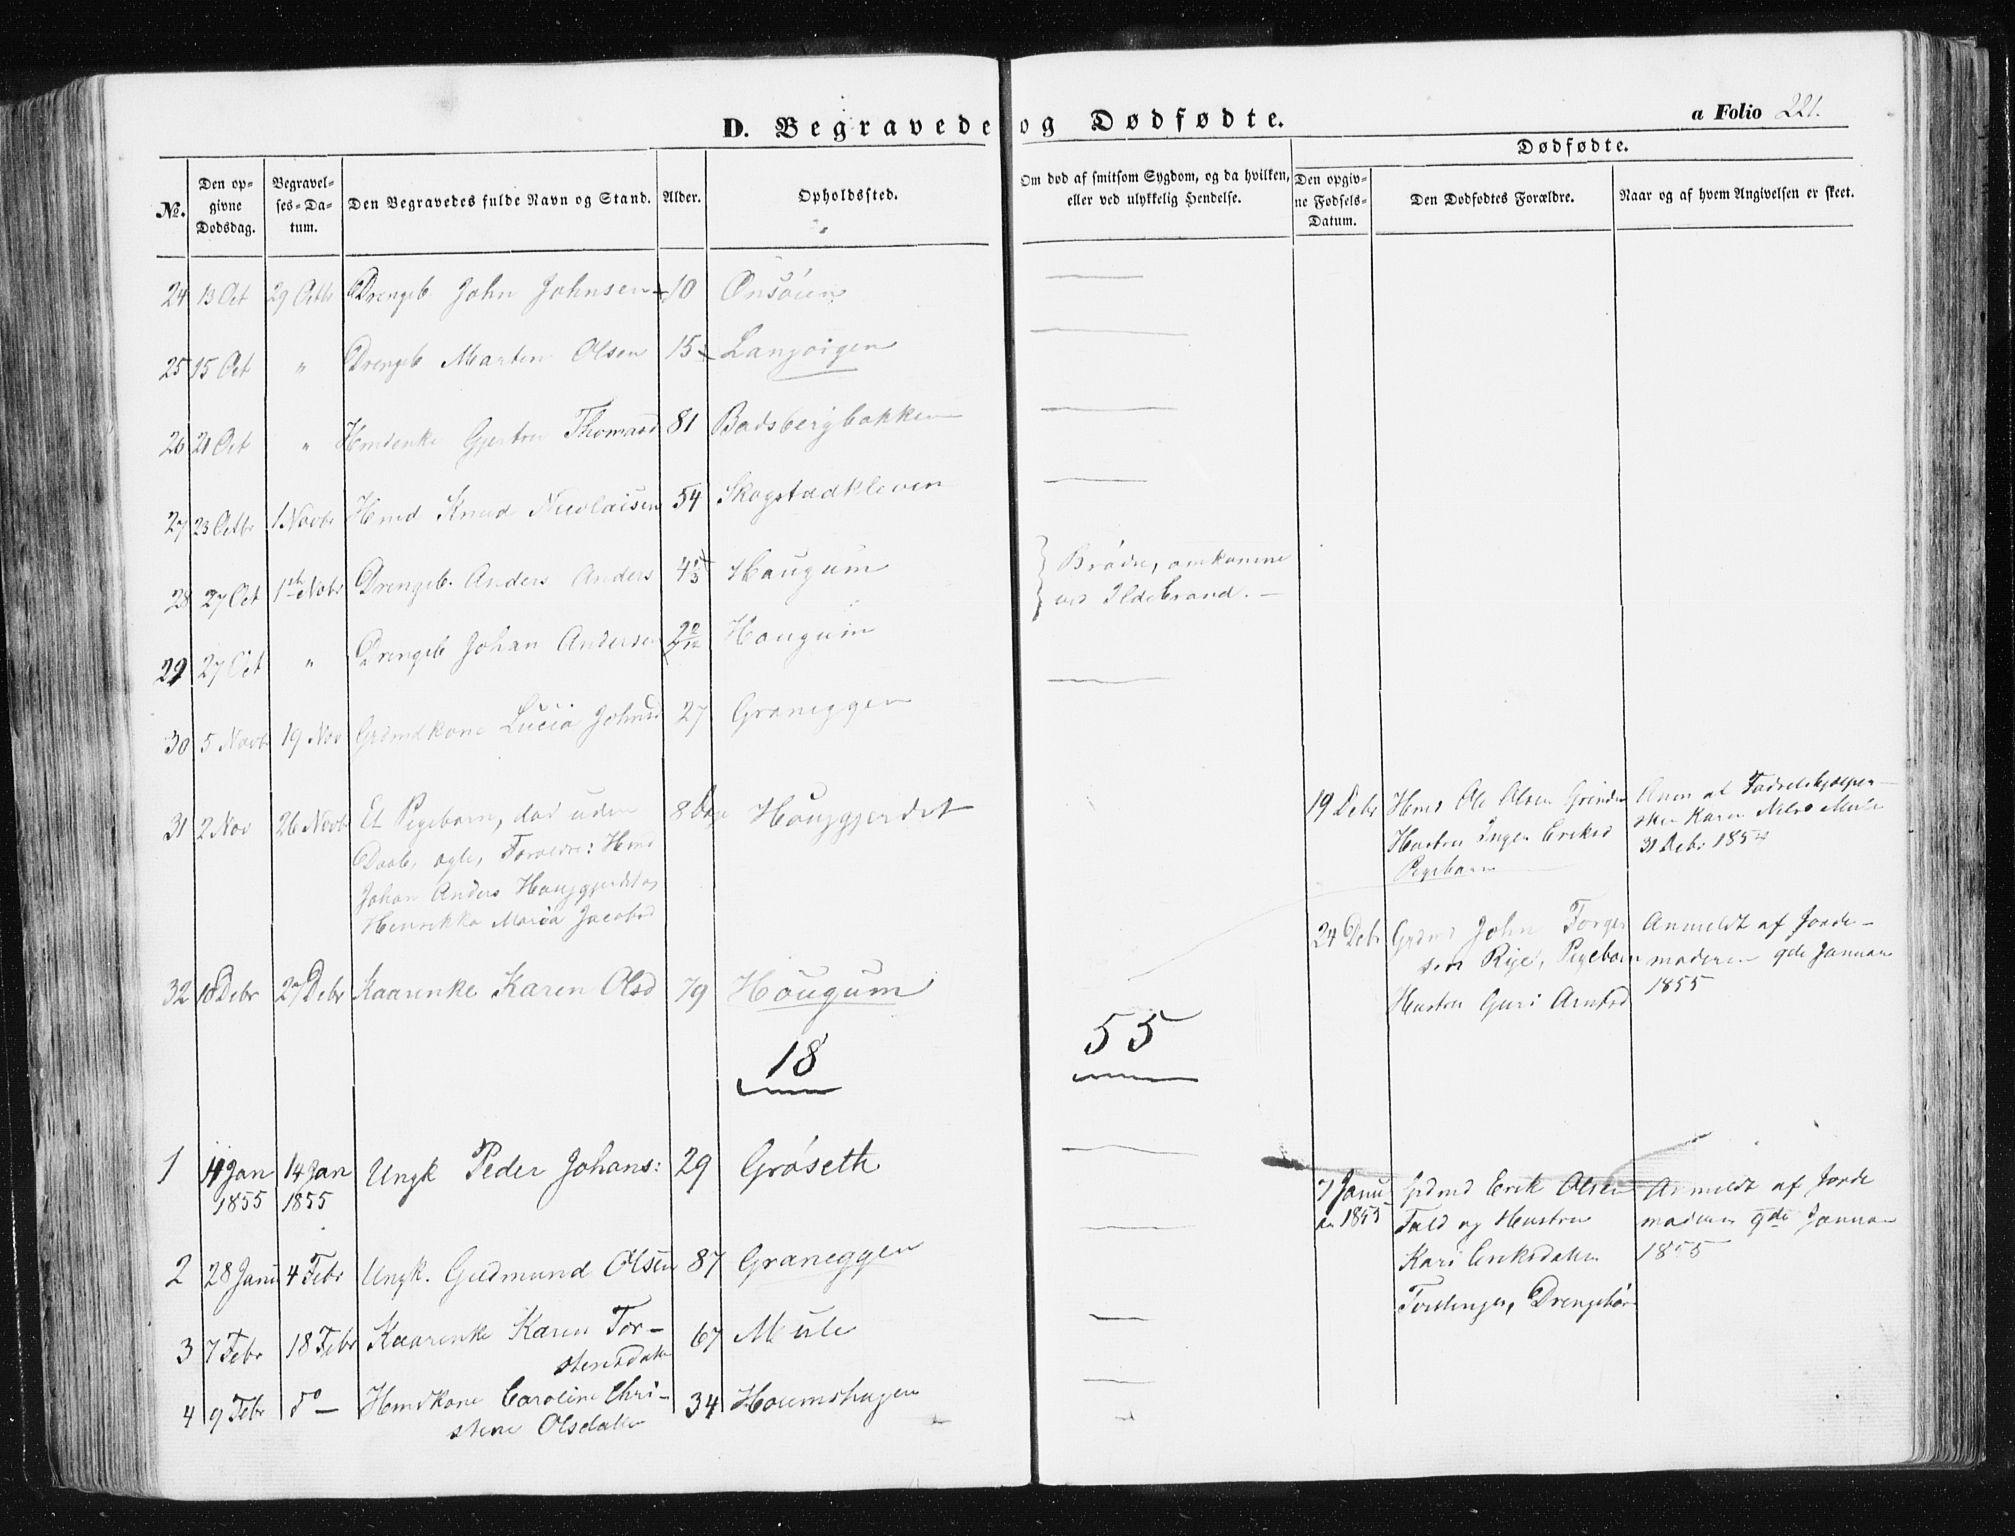 SAT, Ministerialprotokoller, klokkerbøker og fødselsregistre - Sør-Trøndelag, 612/L0376: Ministerialbok nr. 612A08, 1846-1859, s. 221